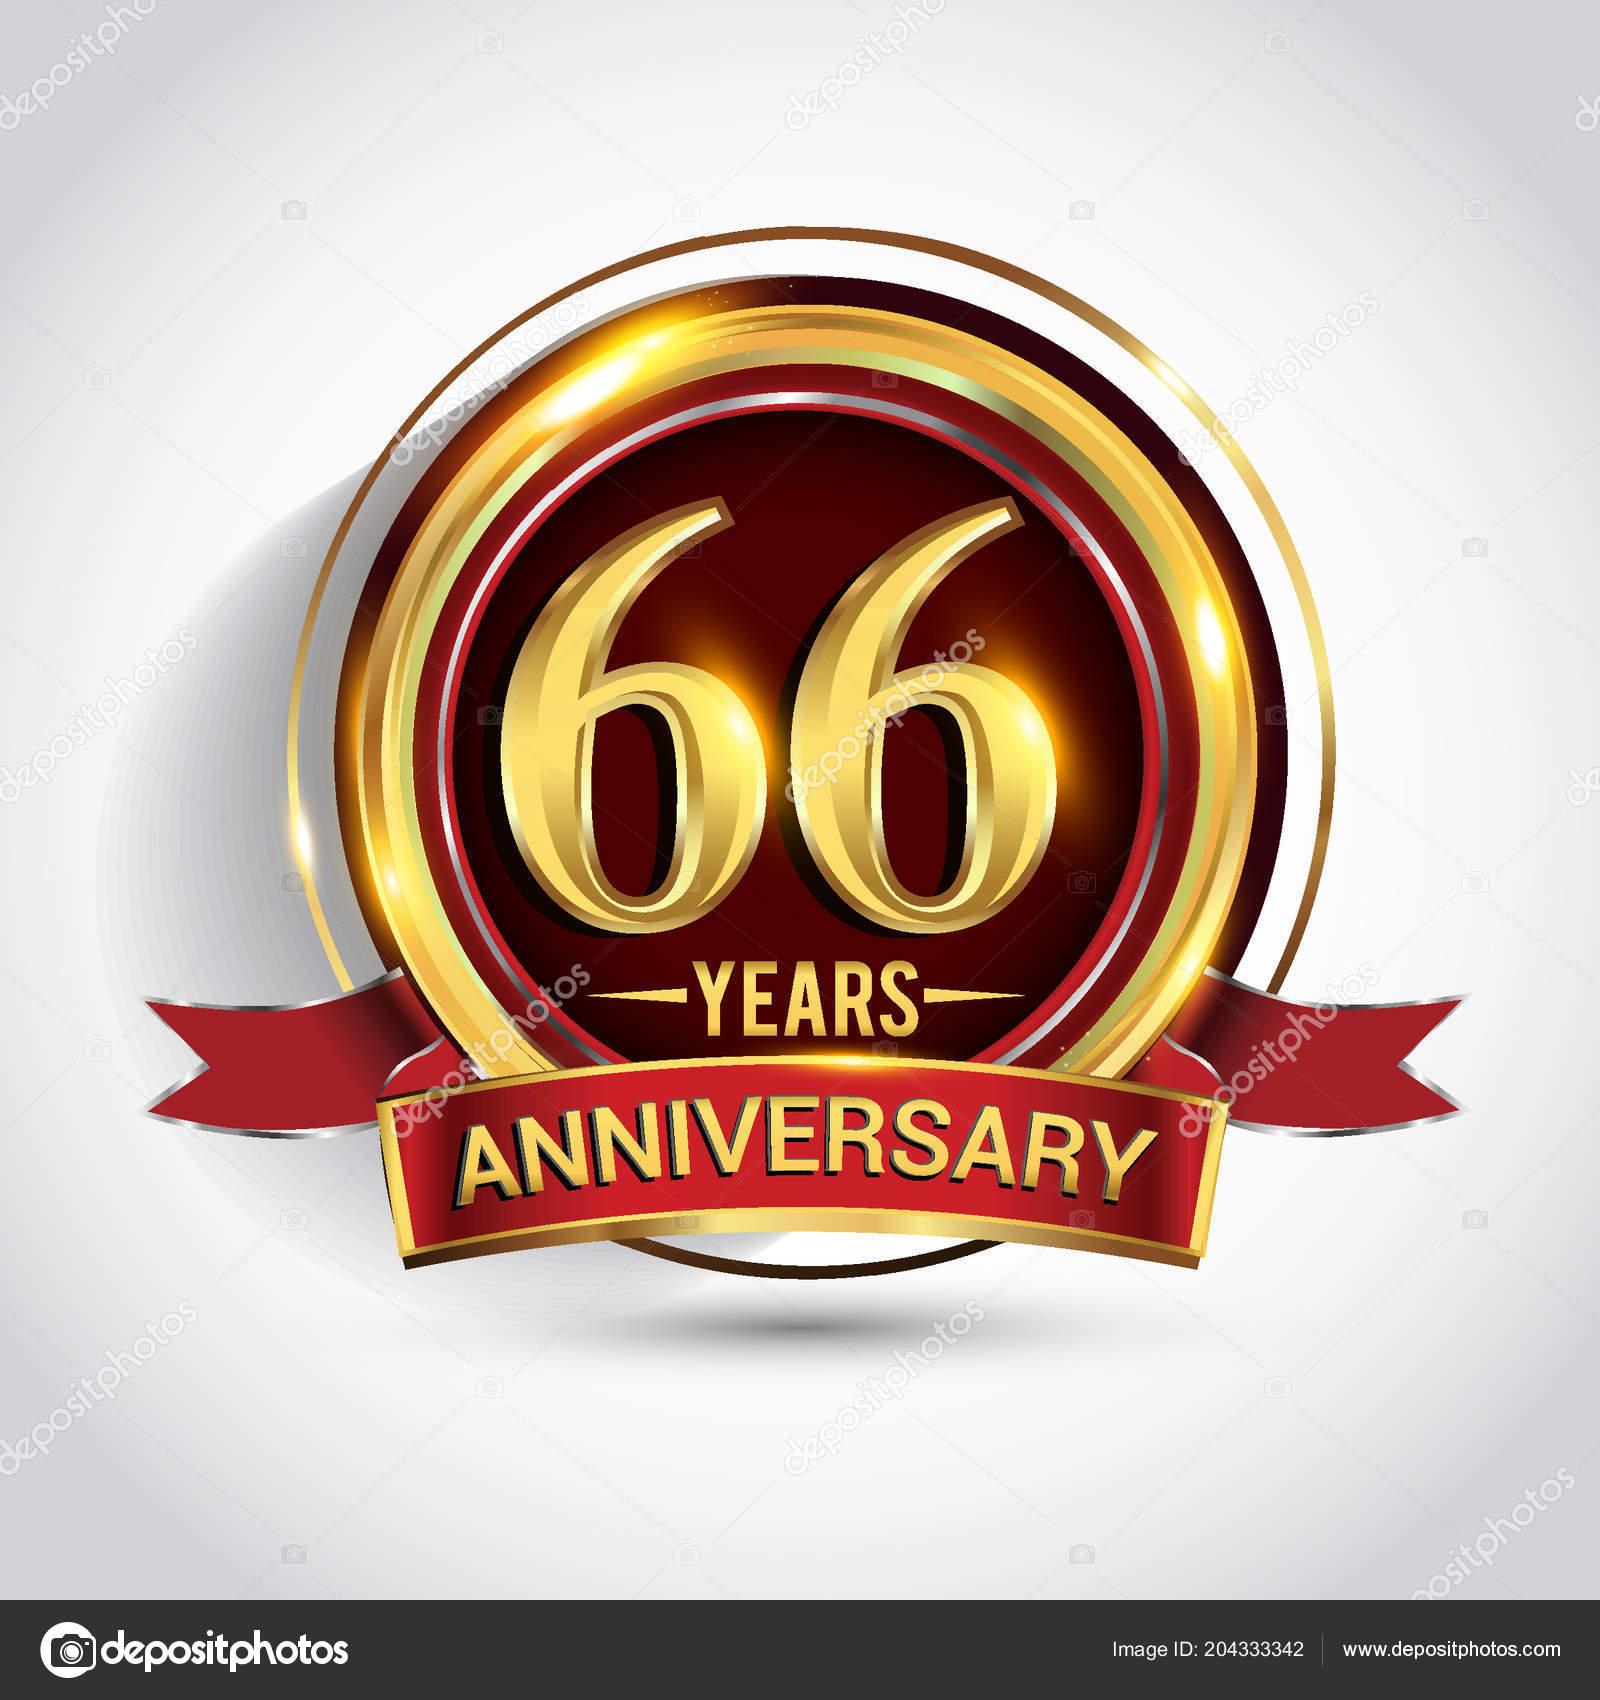 Logotipo Anni Anniversario Celebrazione Logo Con Anello Oro Nastro